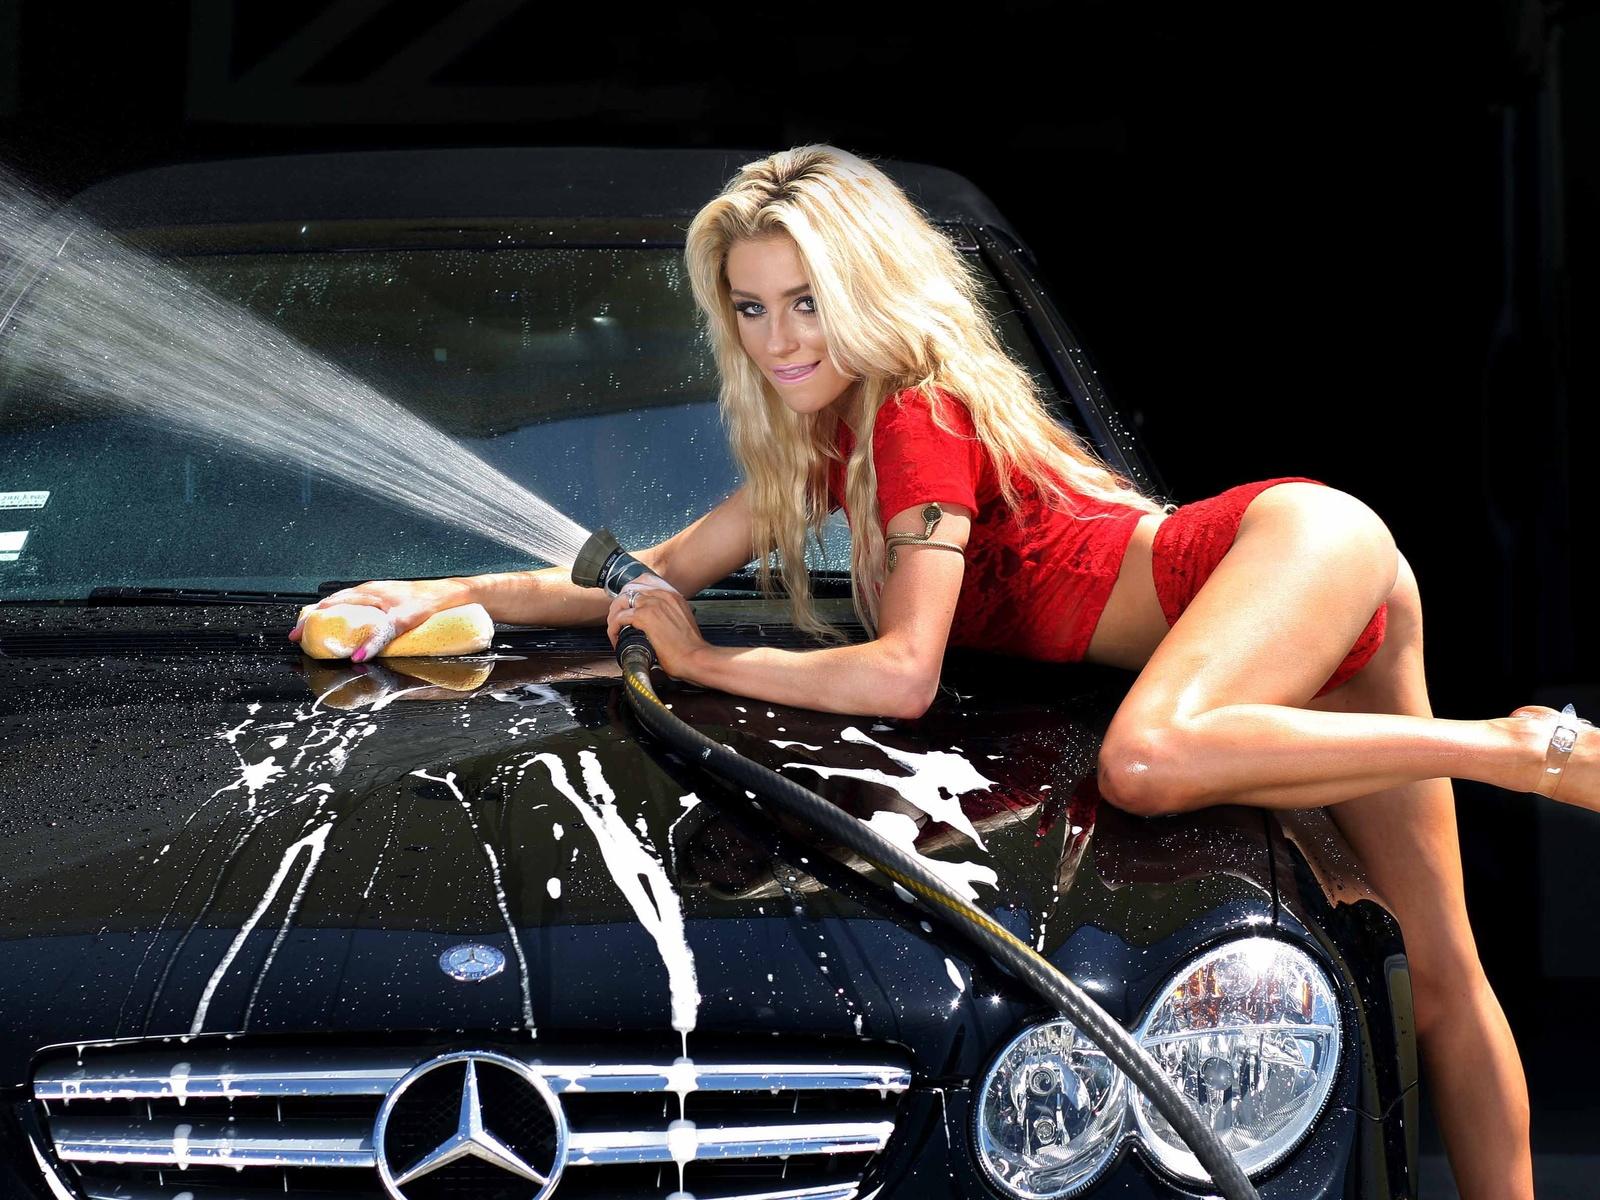 Красивая девушка моет машину видео #6